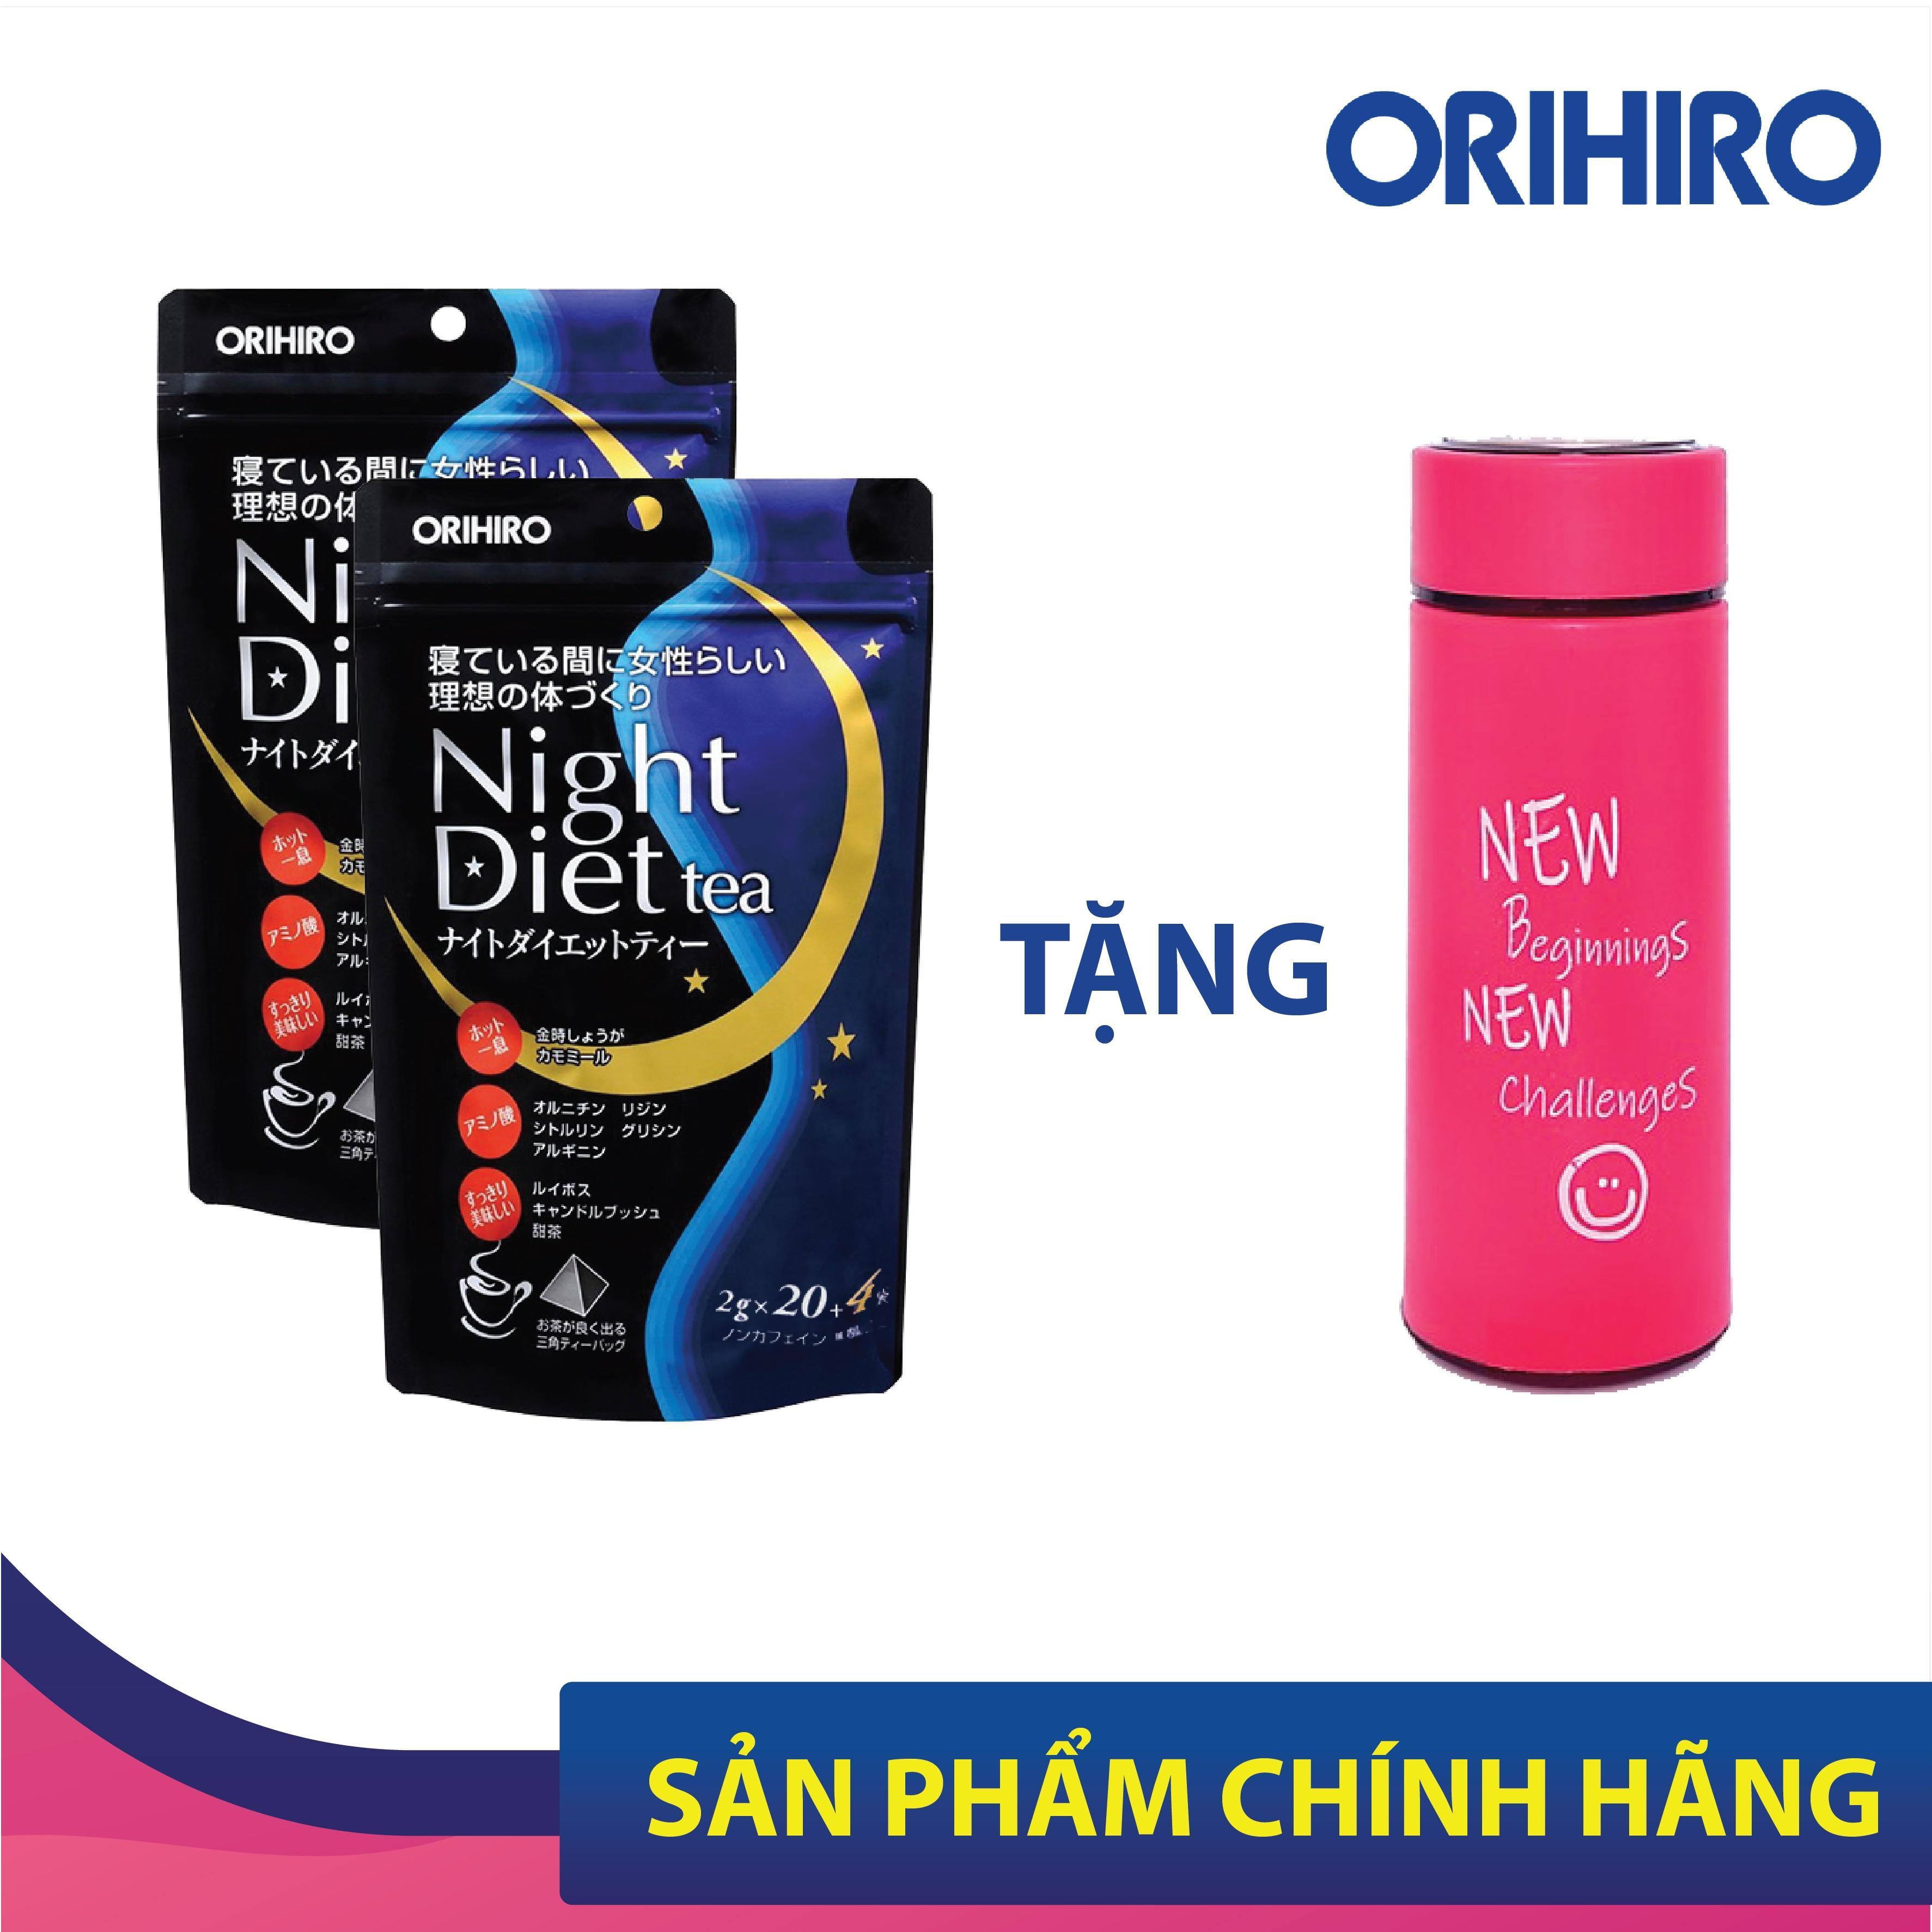 [Quà tặng kèm] Set 2 Túi Trà Night Diet Tea Orihiro Nhật Bản hỗ trợ giảm cân ban đêm, tăng cường hệ tiêu hóa, tặng kèm bình giữ nhiệt